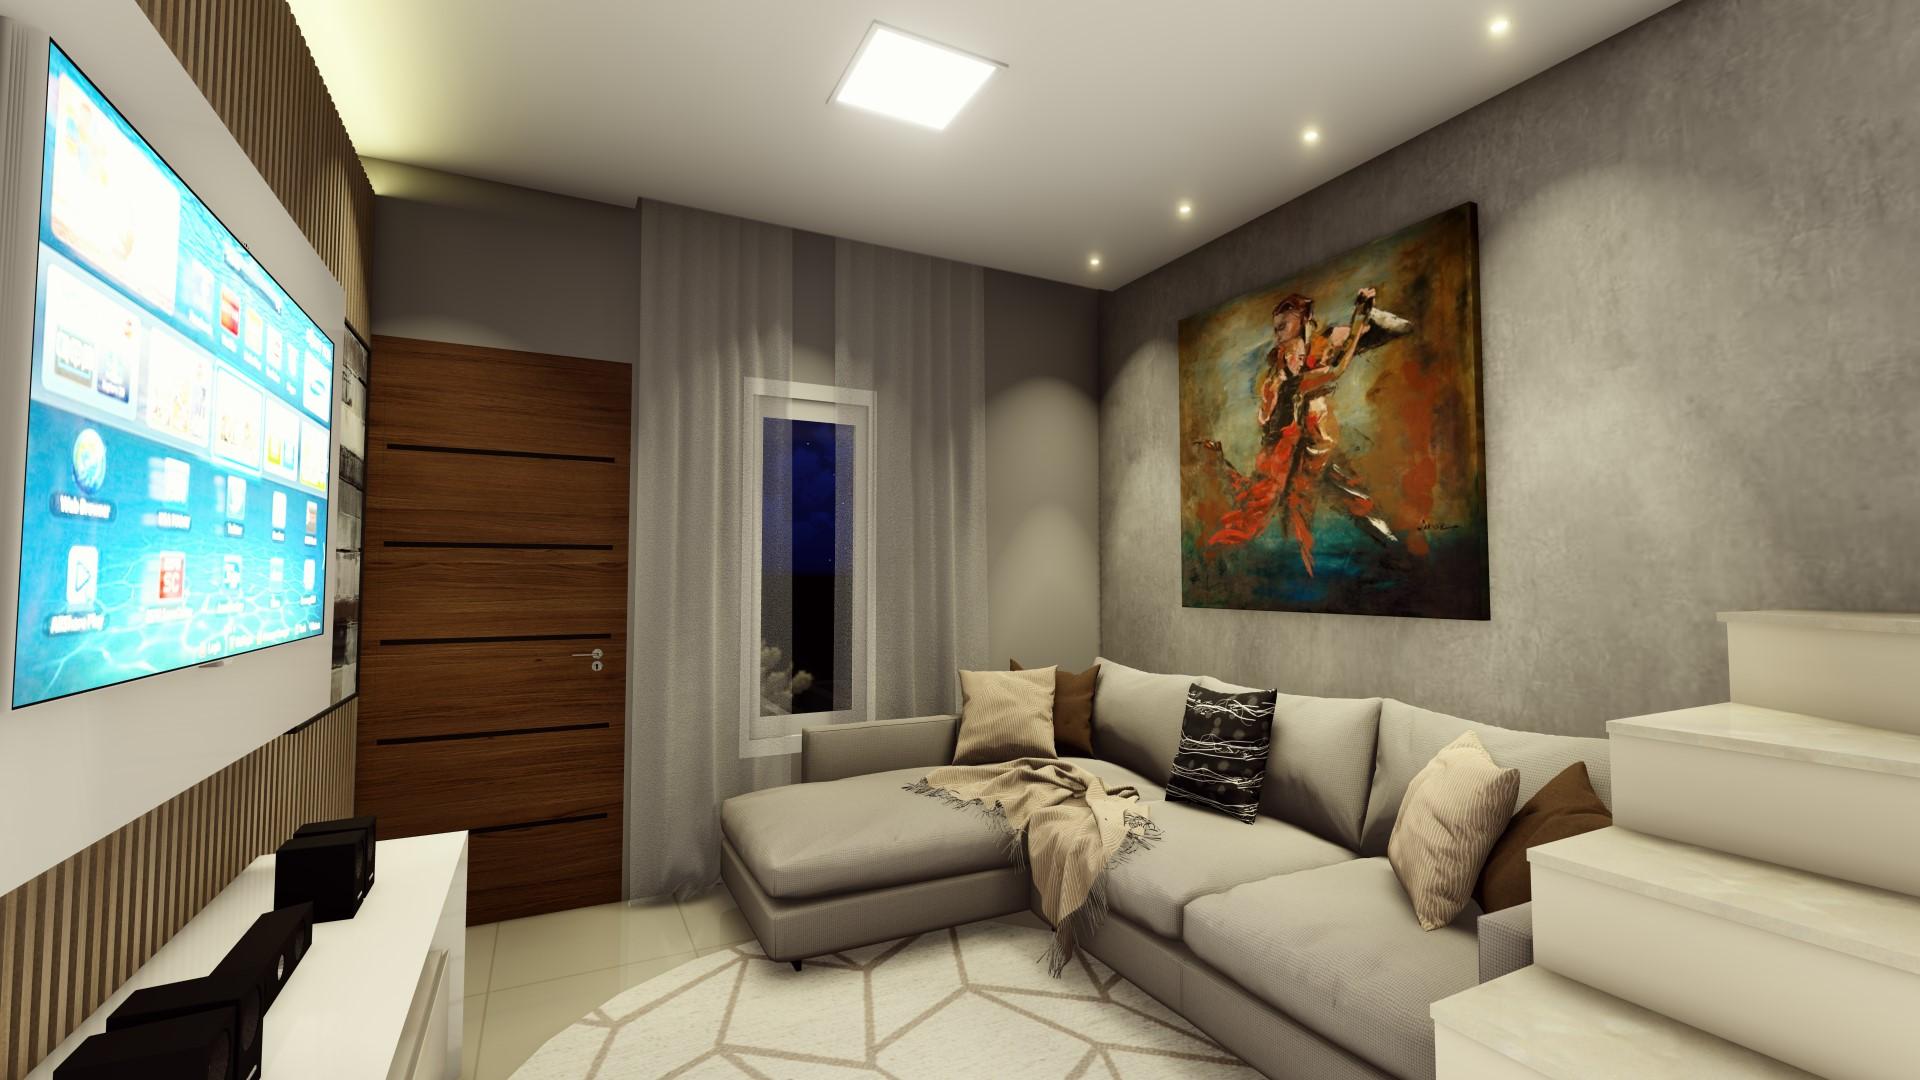 Interior res maria ed_Photo - 2